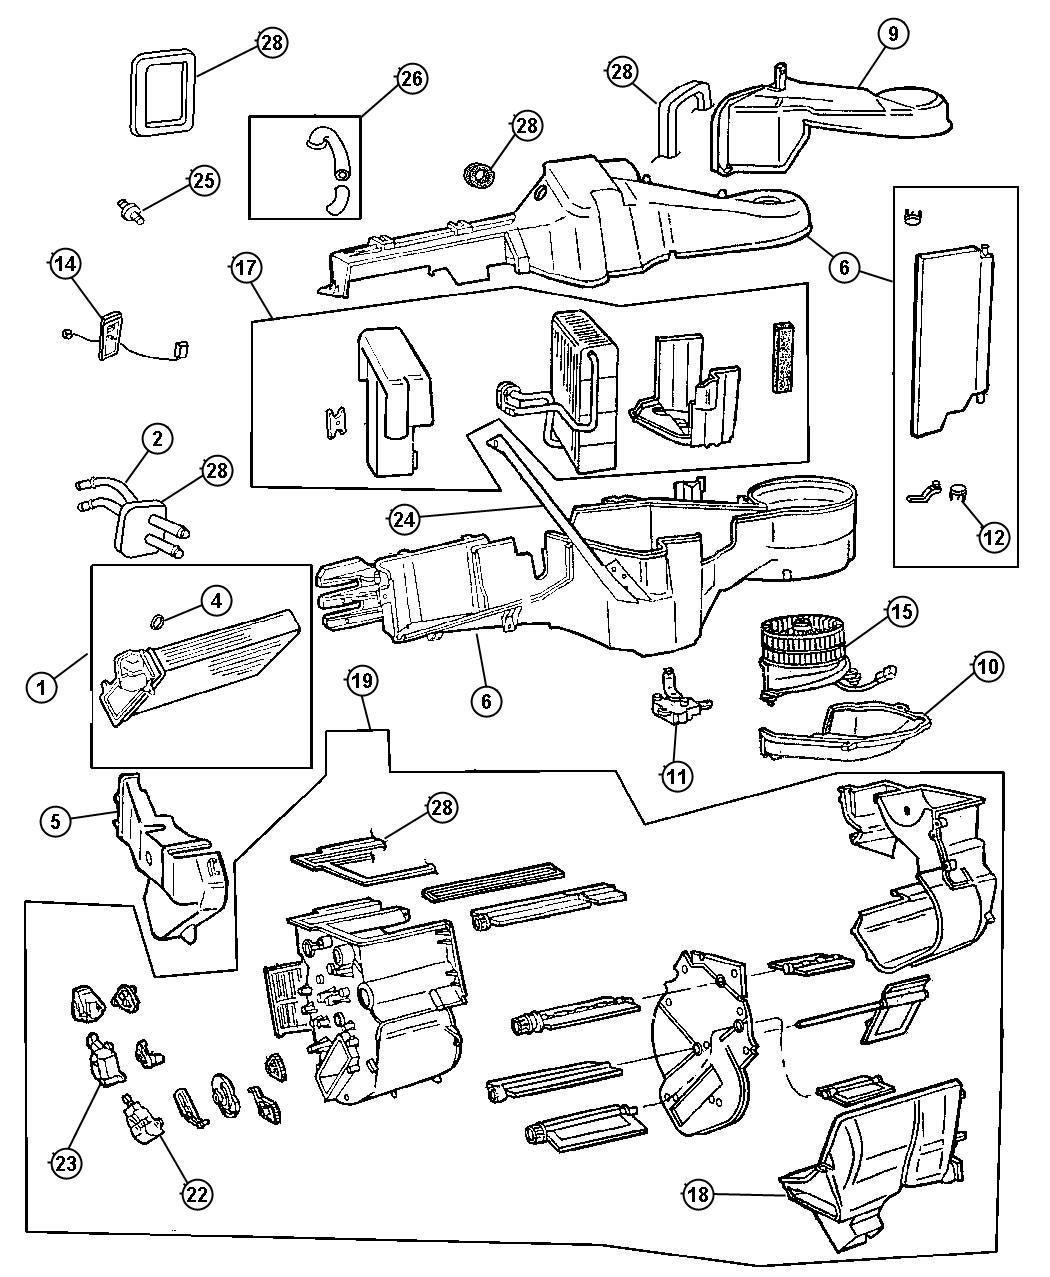 1998 Dodge Grand Caravan Resistor. Blower motor. Air